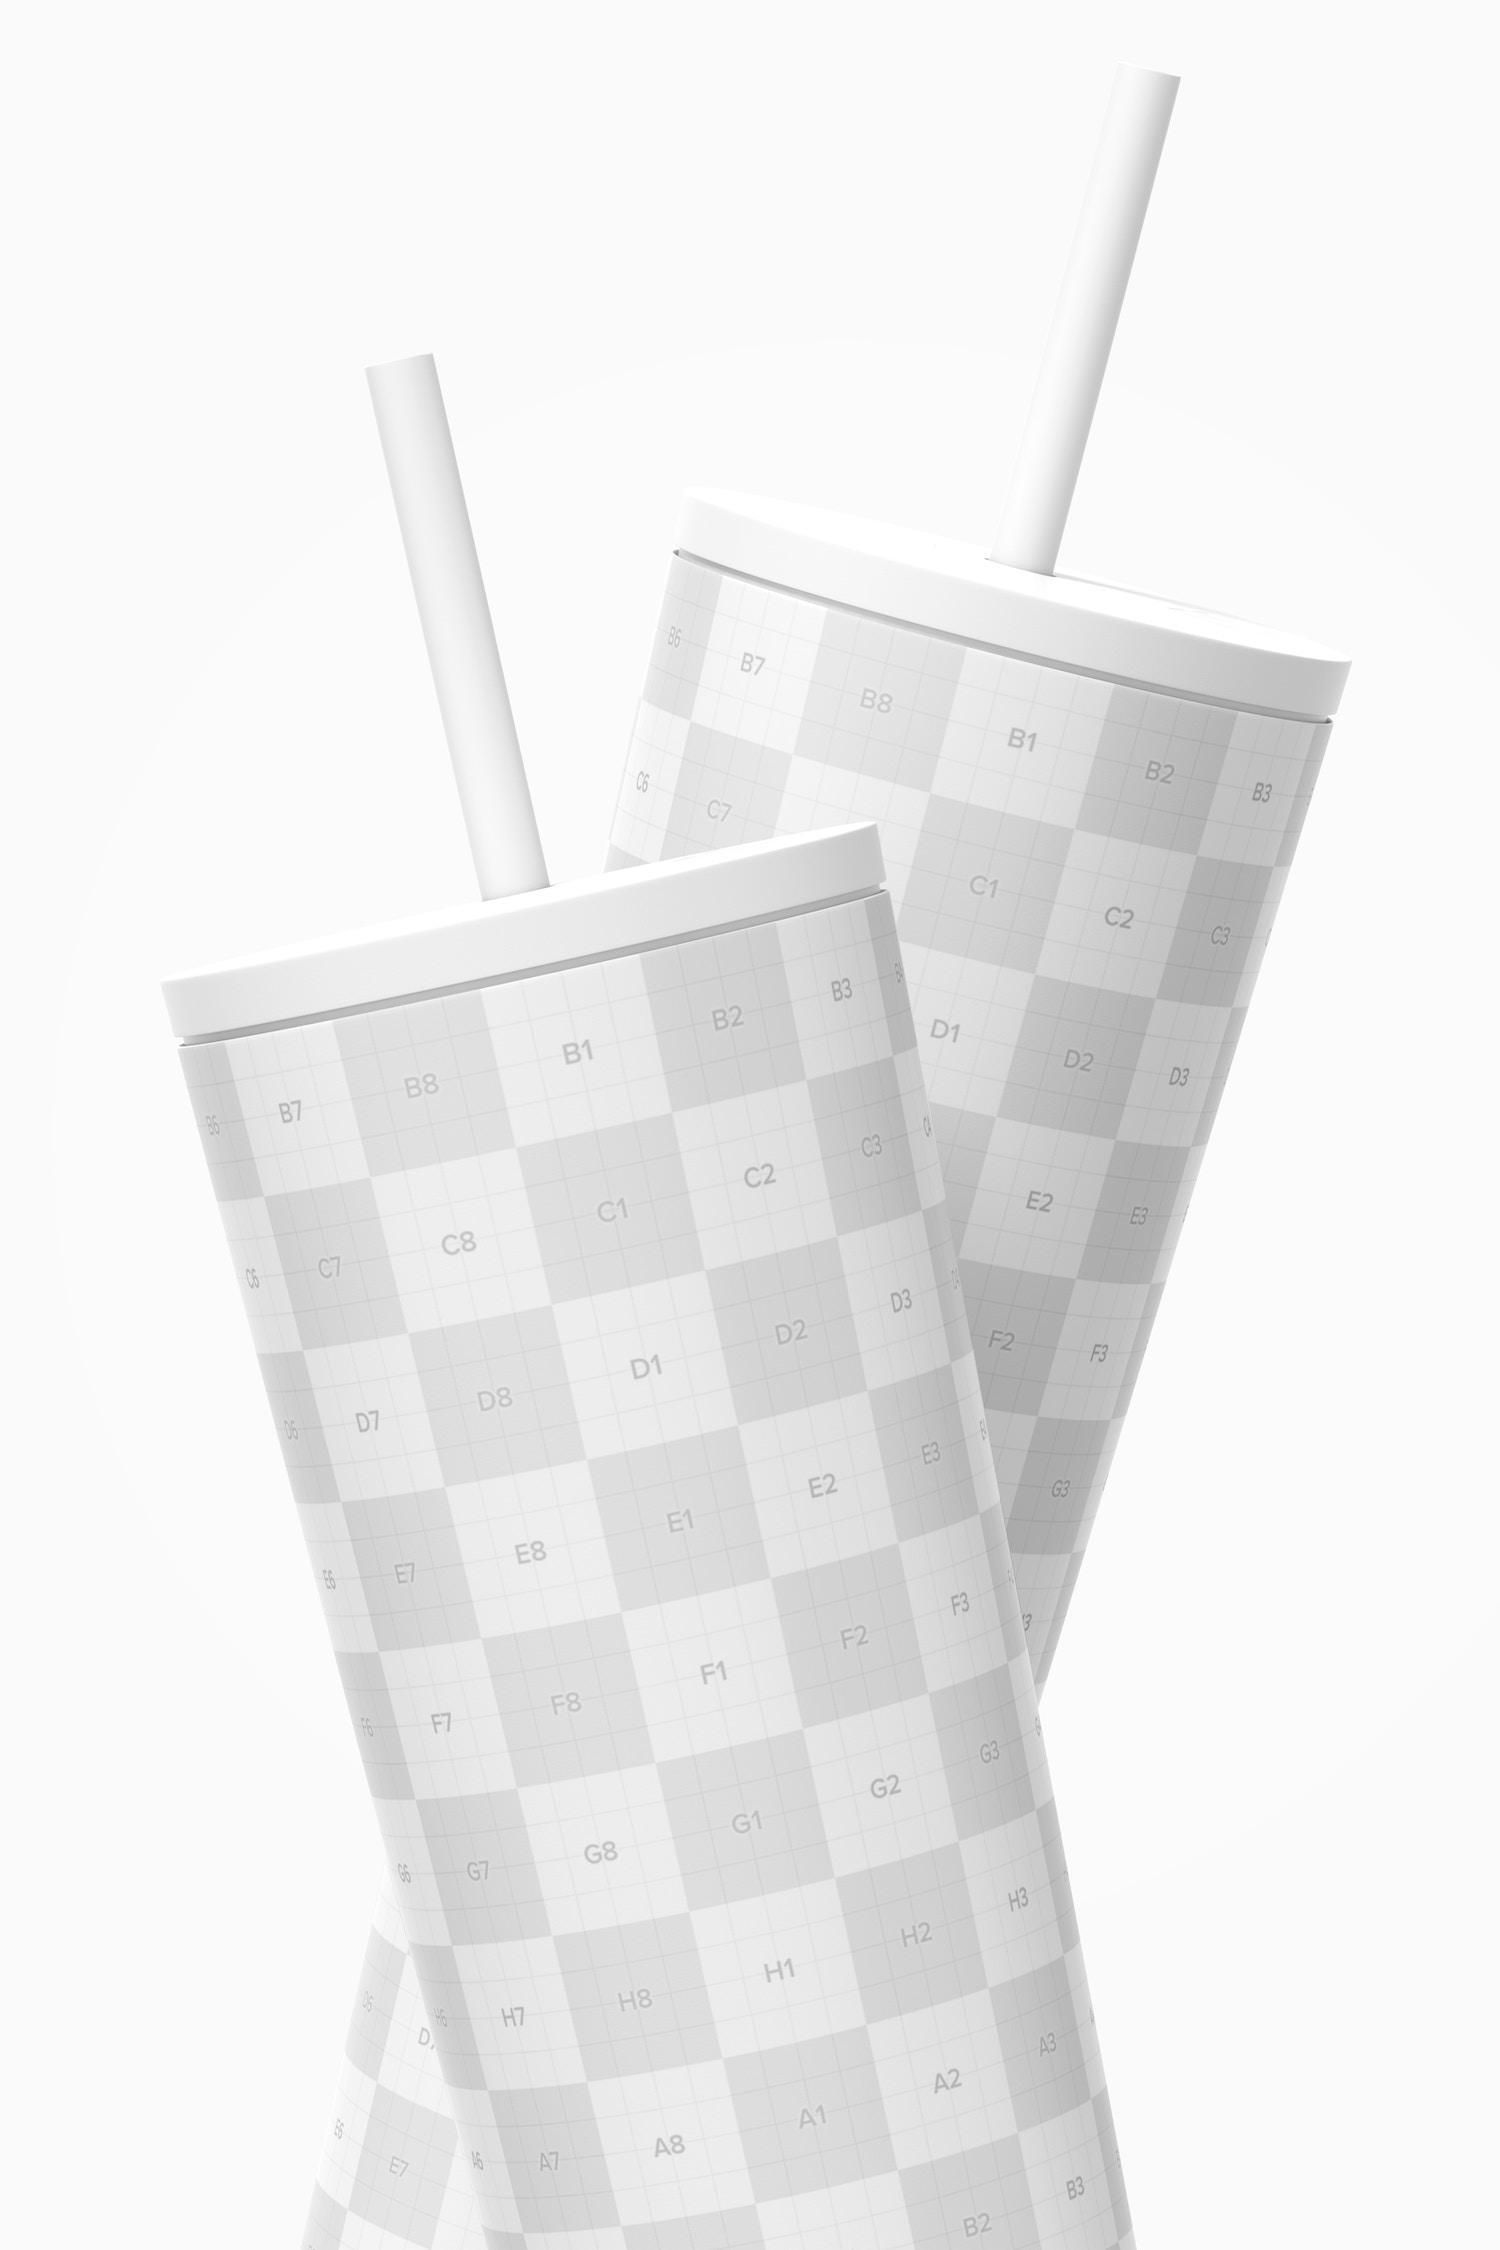 Travel Mug Cup Mockup, Close Up